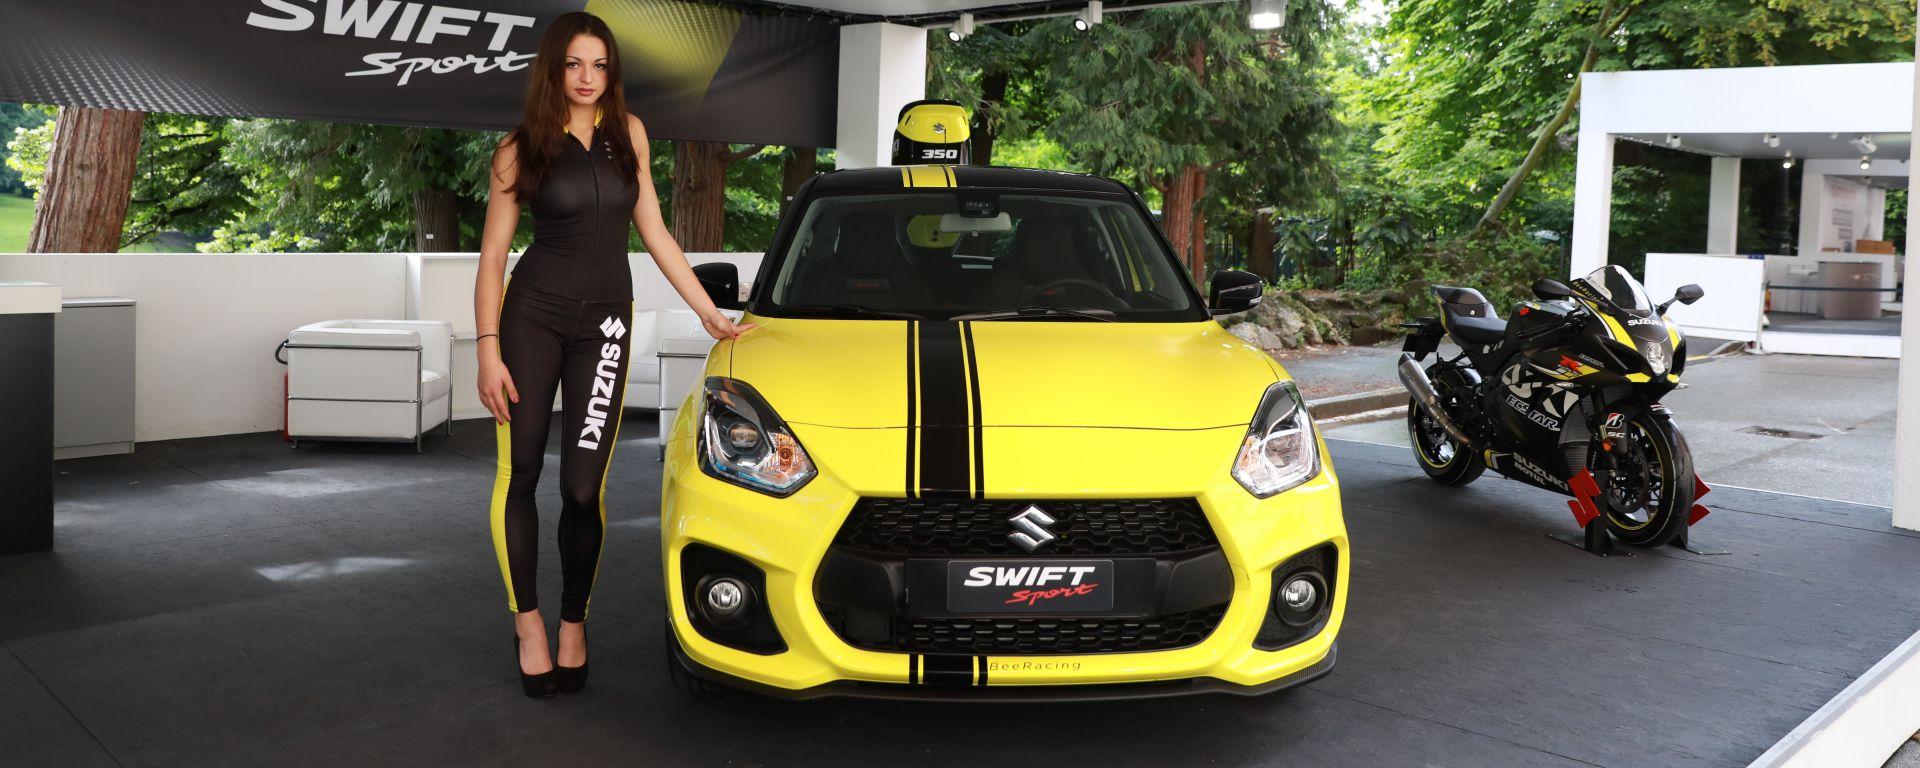 Lo stand Suzuki al Salone dell'Auto di Torino 2018